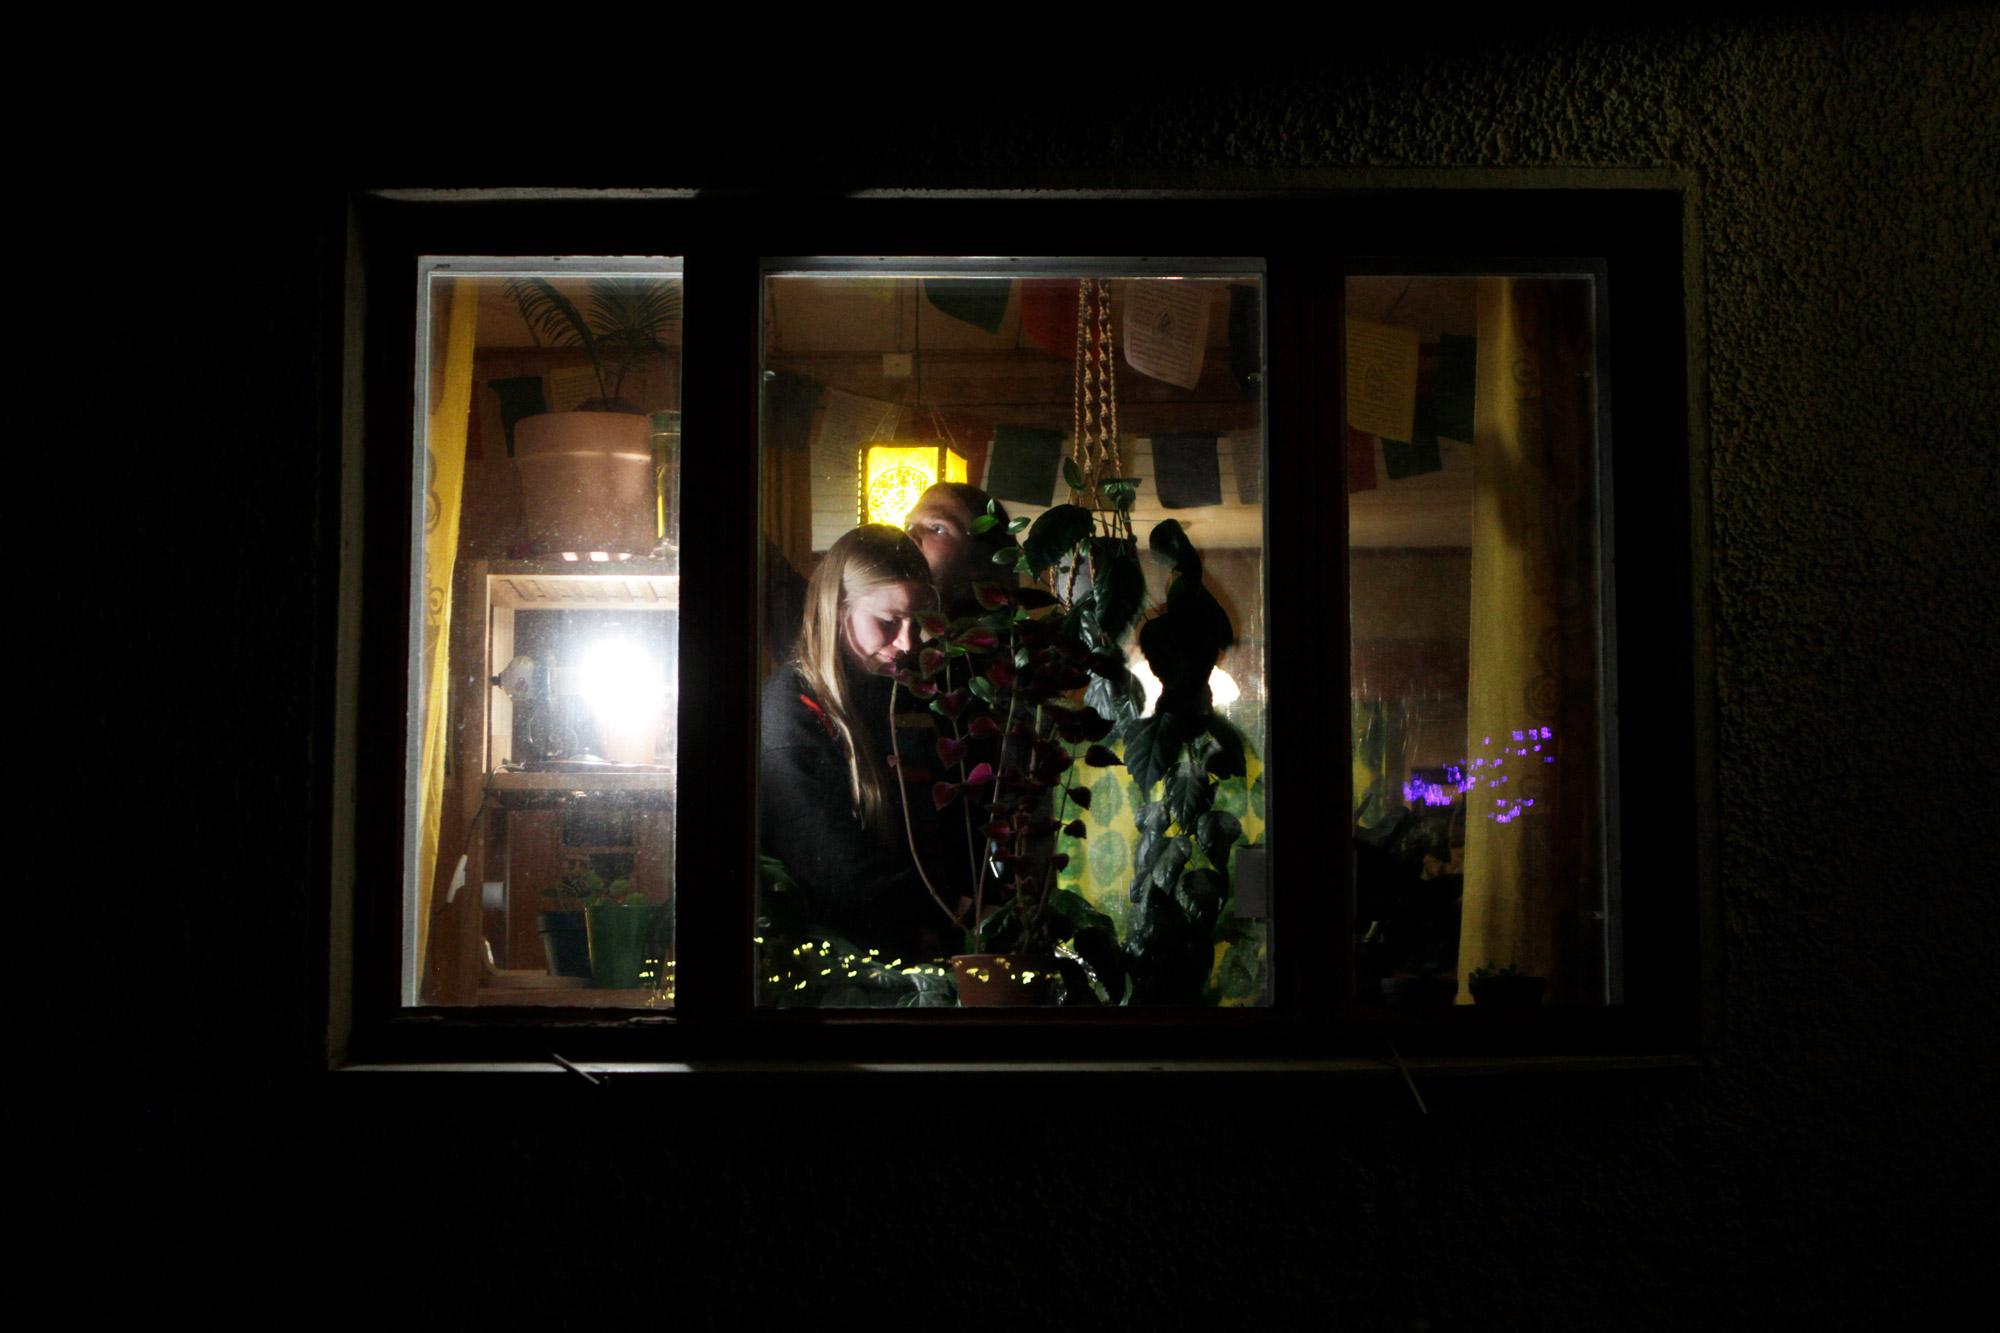 Nainen ja mies kastelevat kukkia ikkunan ääressä illalla.